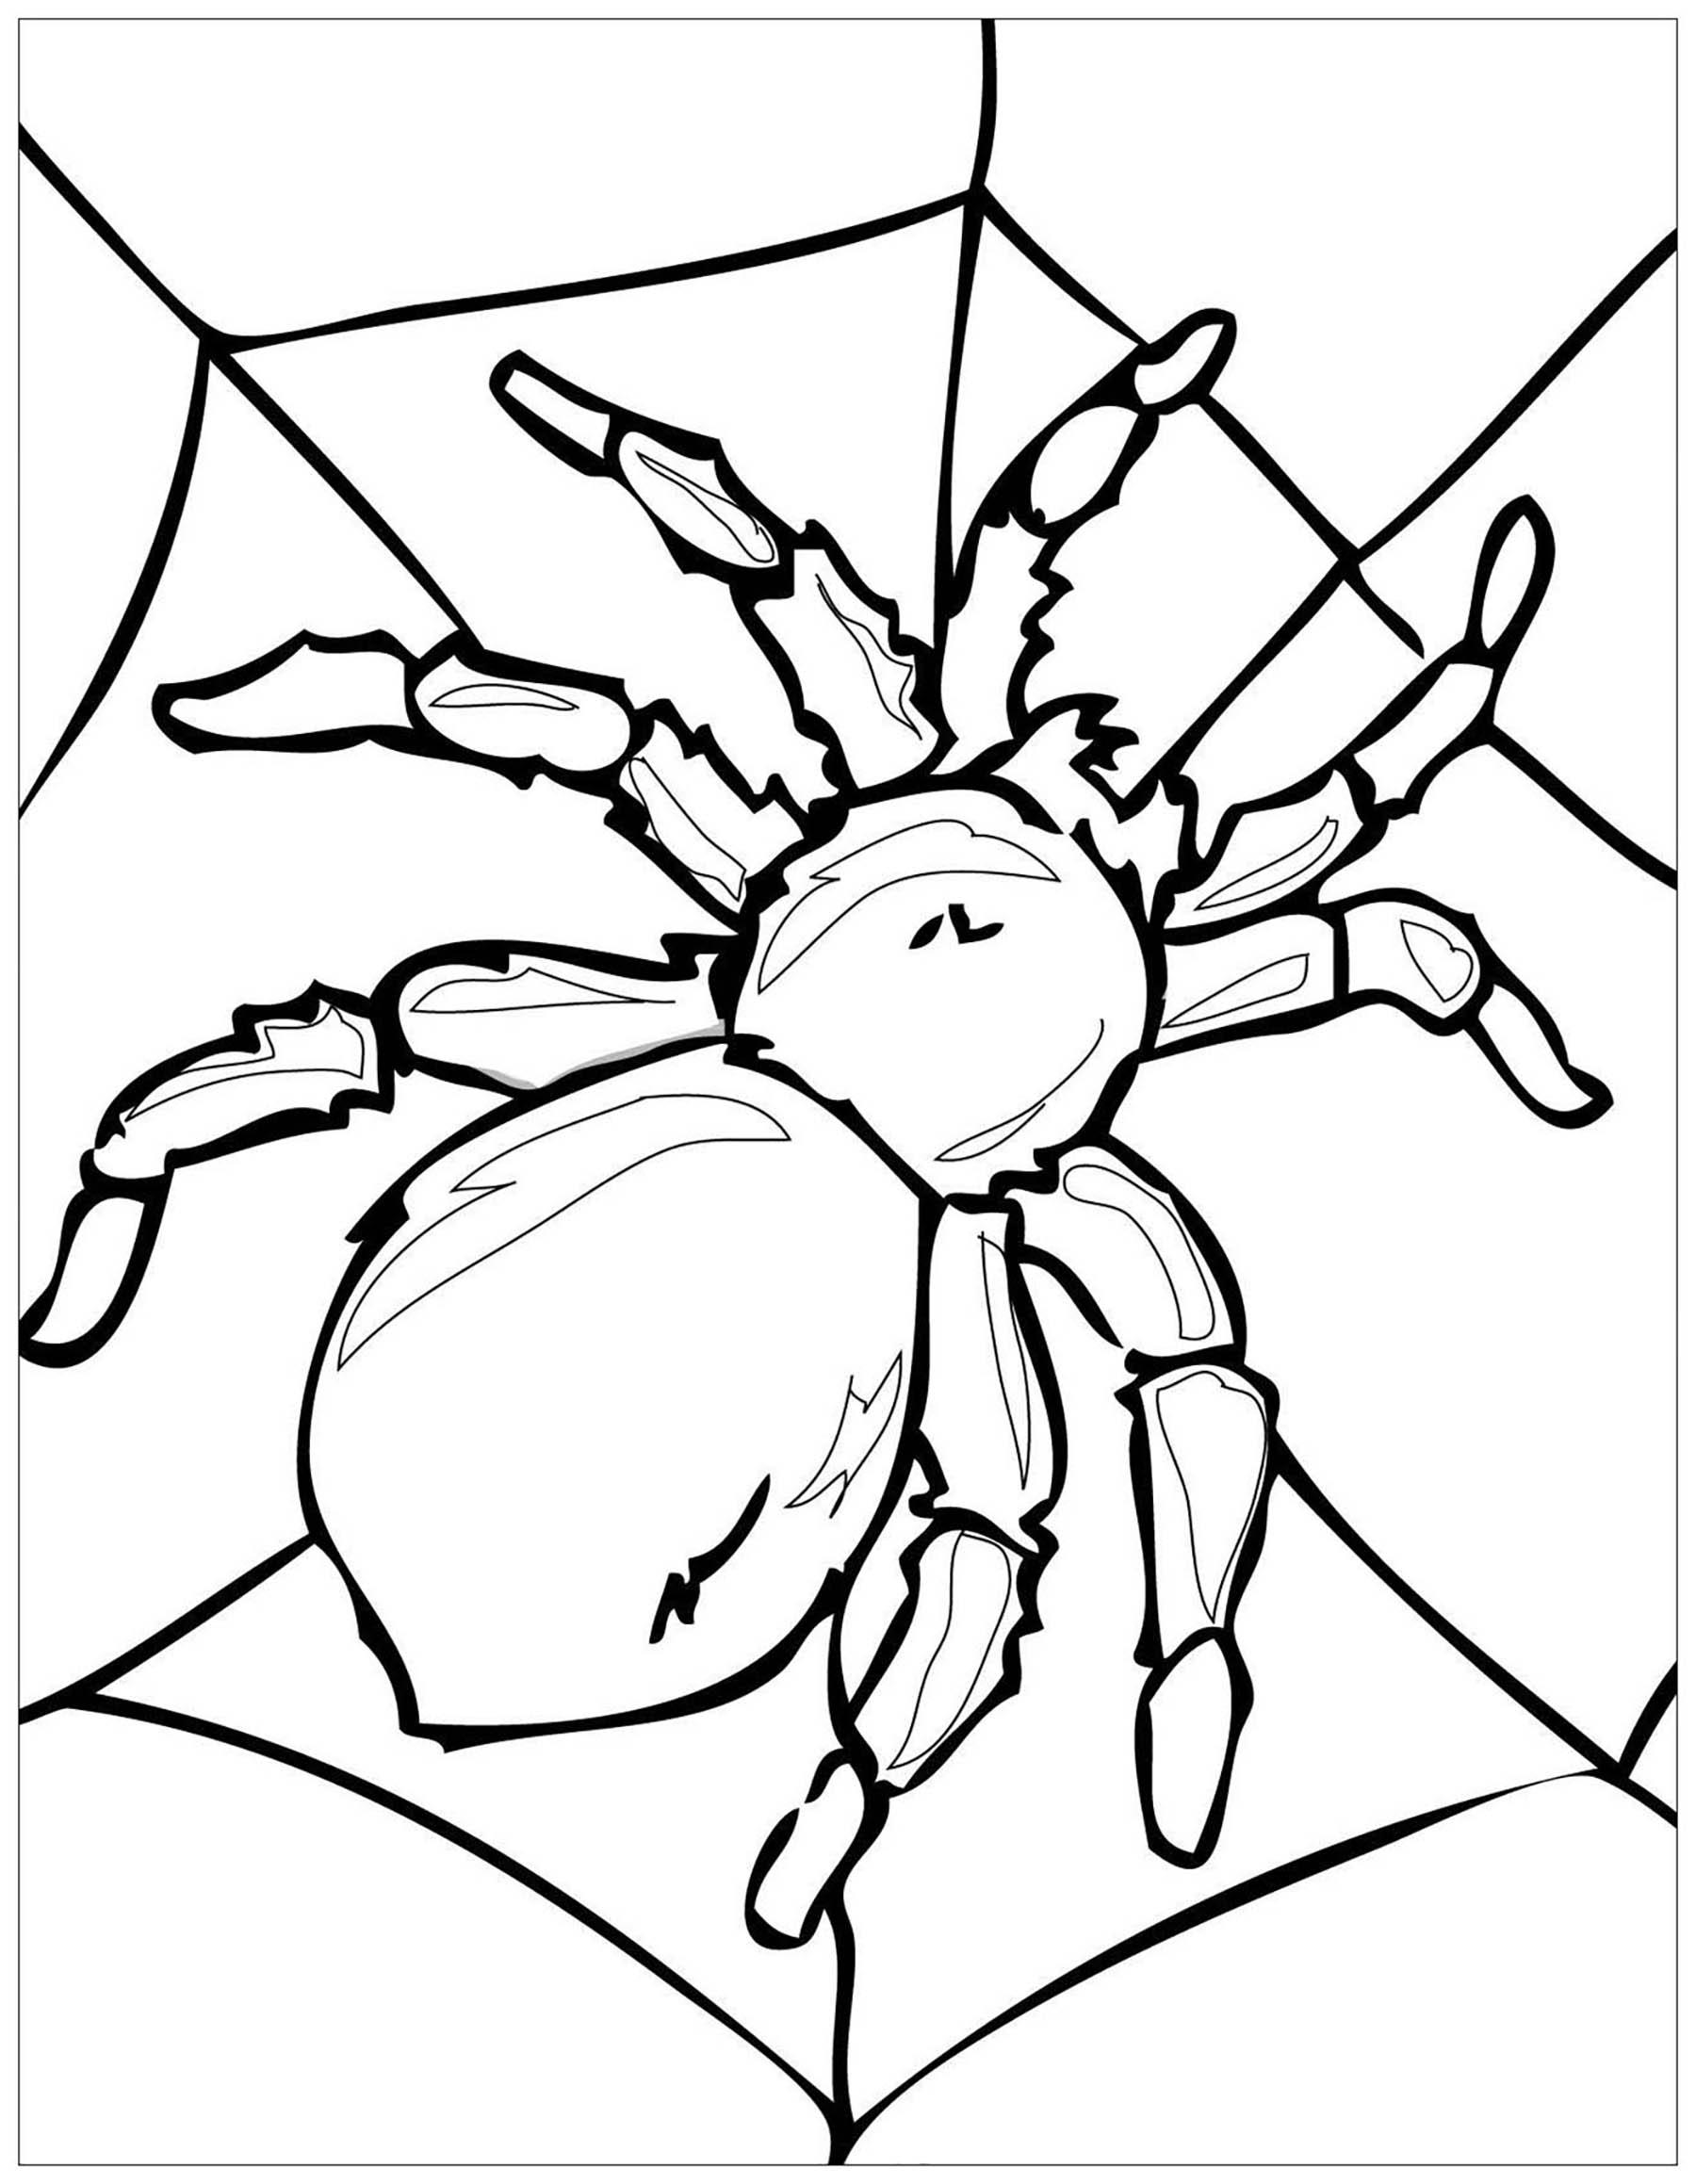 Coloriez cette grande araignée posée sur sa toile